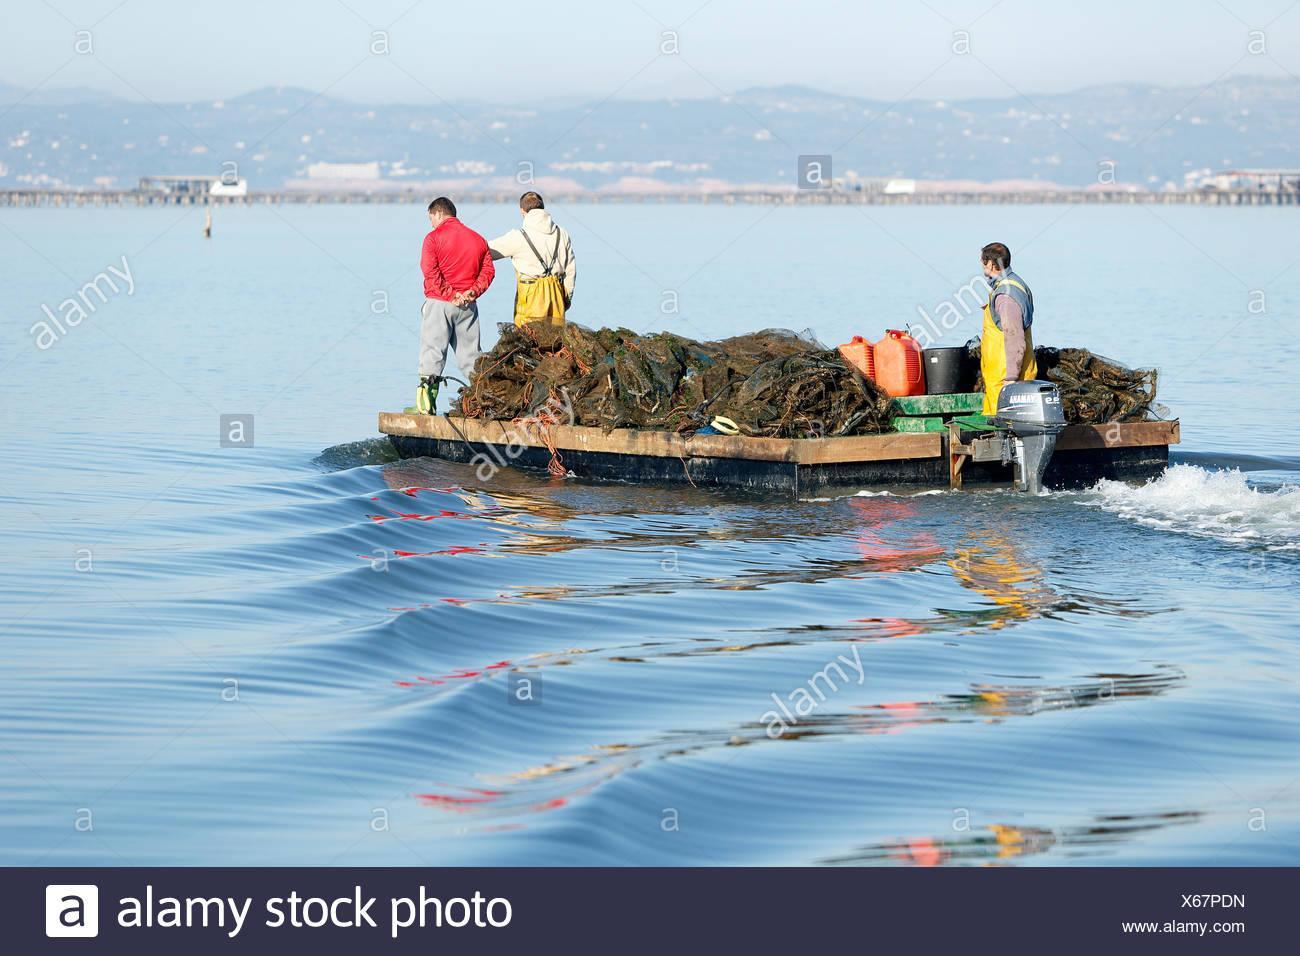 Les pêcheurs de moules mettre en prise au lever du soleil, Delta de l'Ebre, Tarragona. Tous les non-usages de rédaction doivent être effacés individuellement. Photo Stock